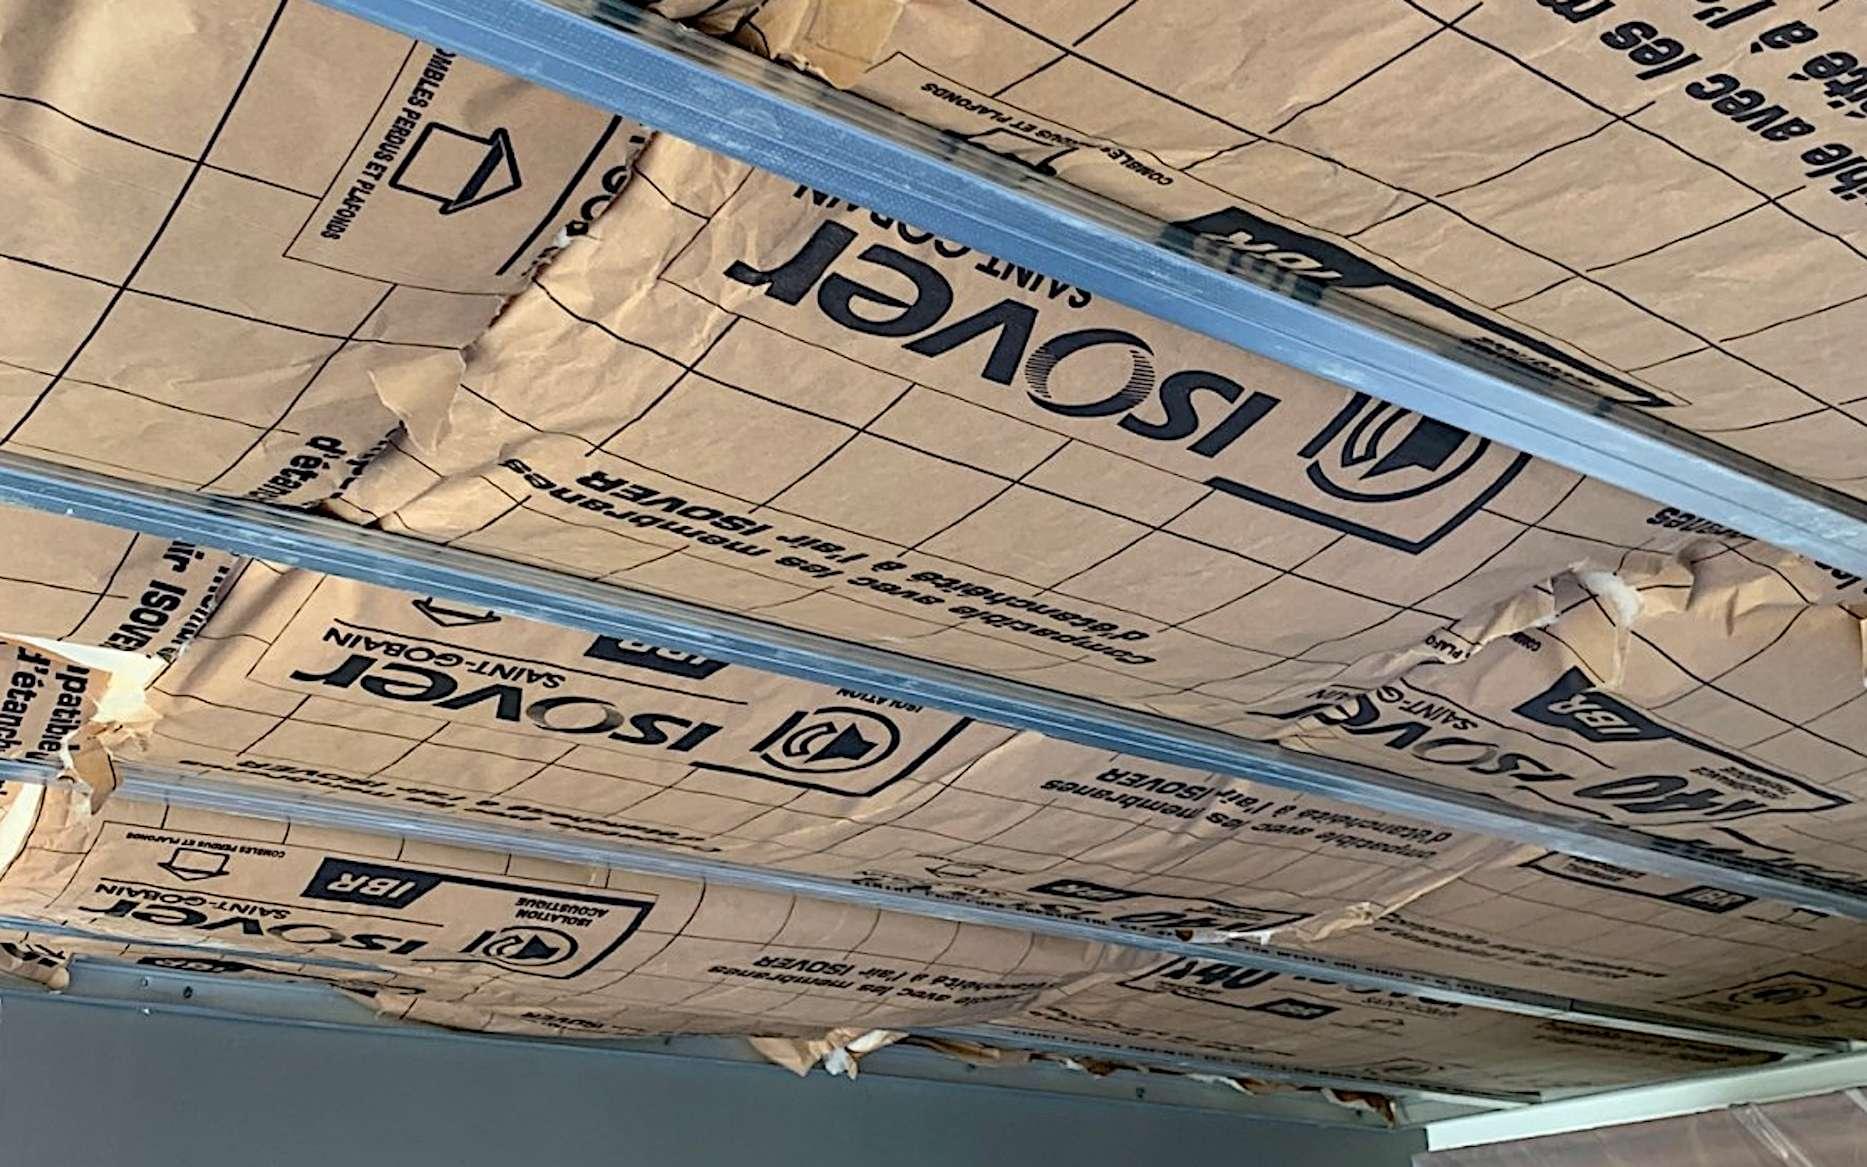 L'ossature autoportante est une solution de choix en rénovation, lorsque le plafond d'origine est irrégulier ou fortement dégradé. © filipeisolation.fr